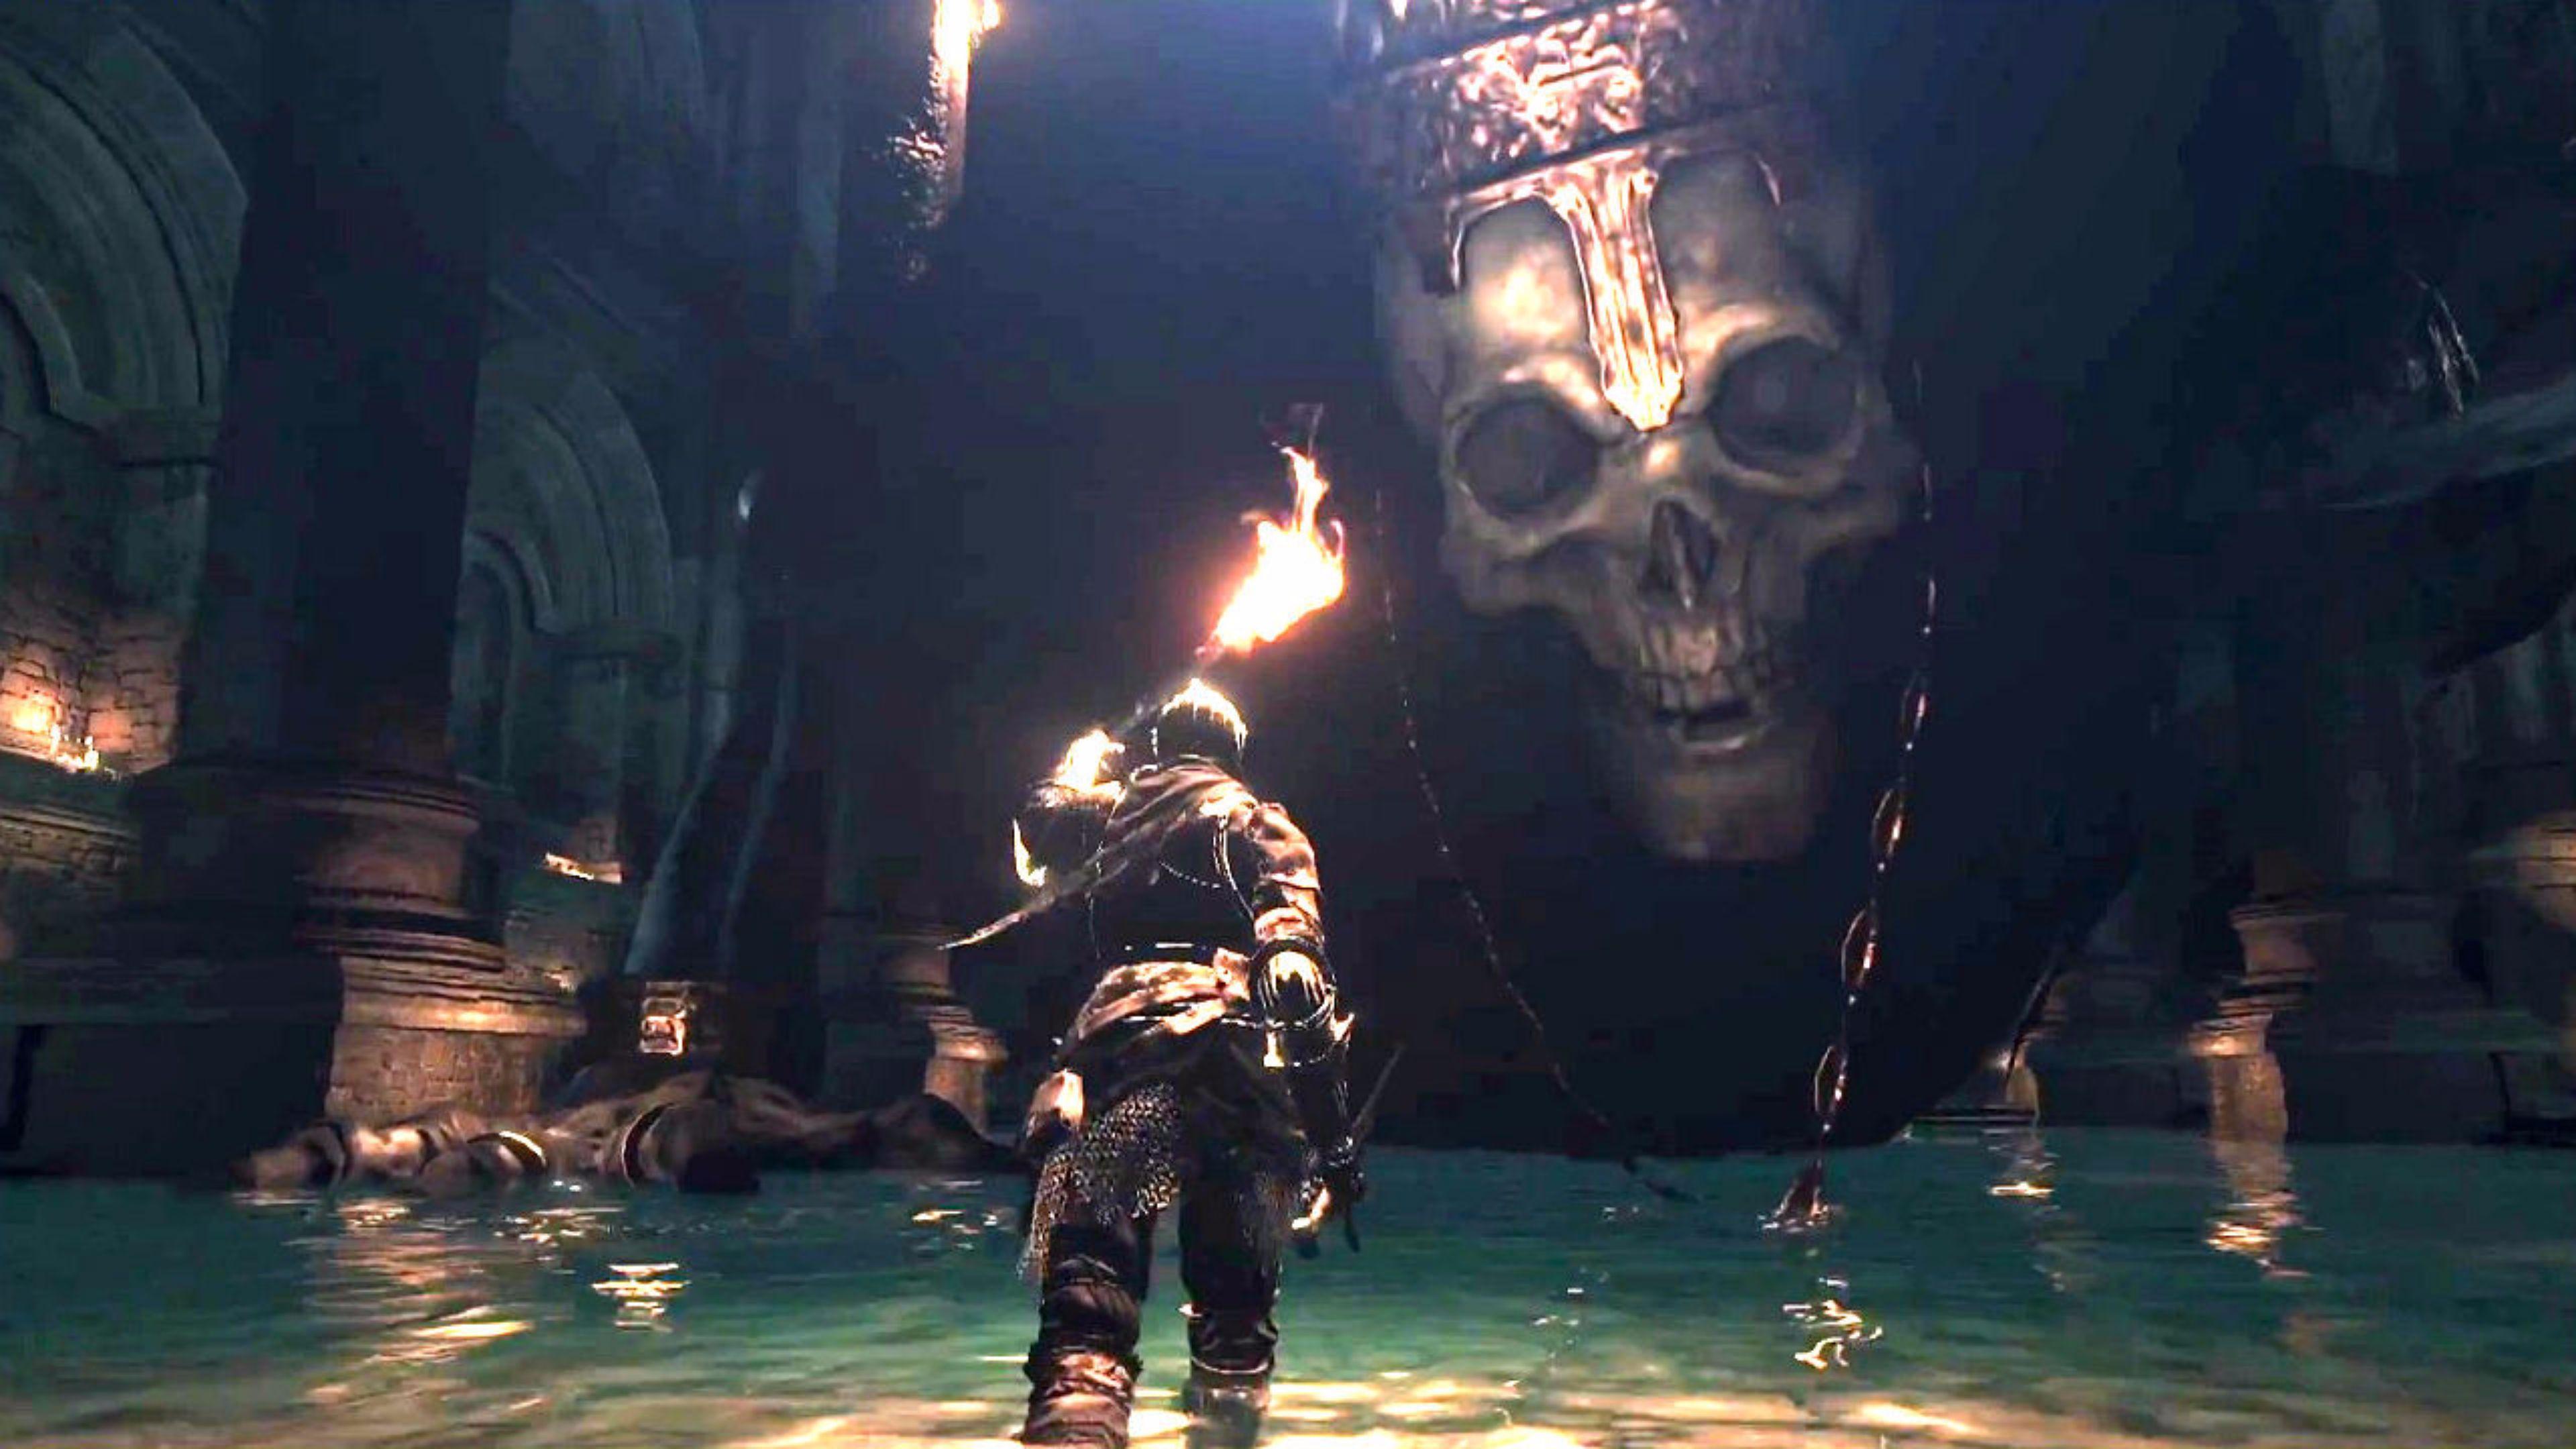 Dark Souls III Wallpapers - Wallpaper Cave